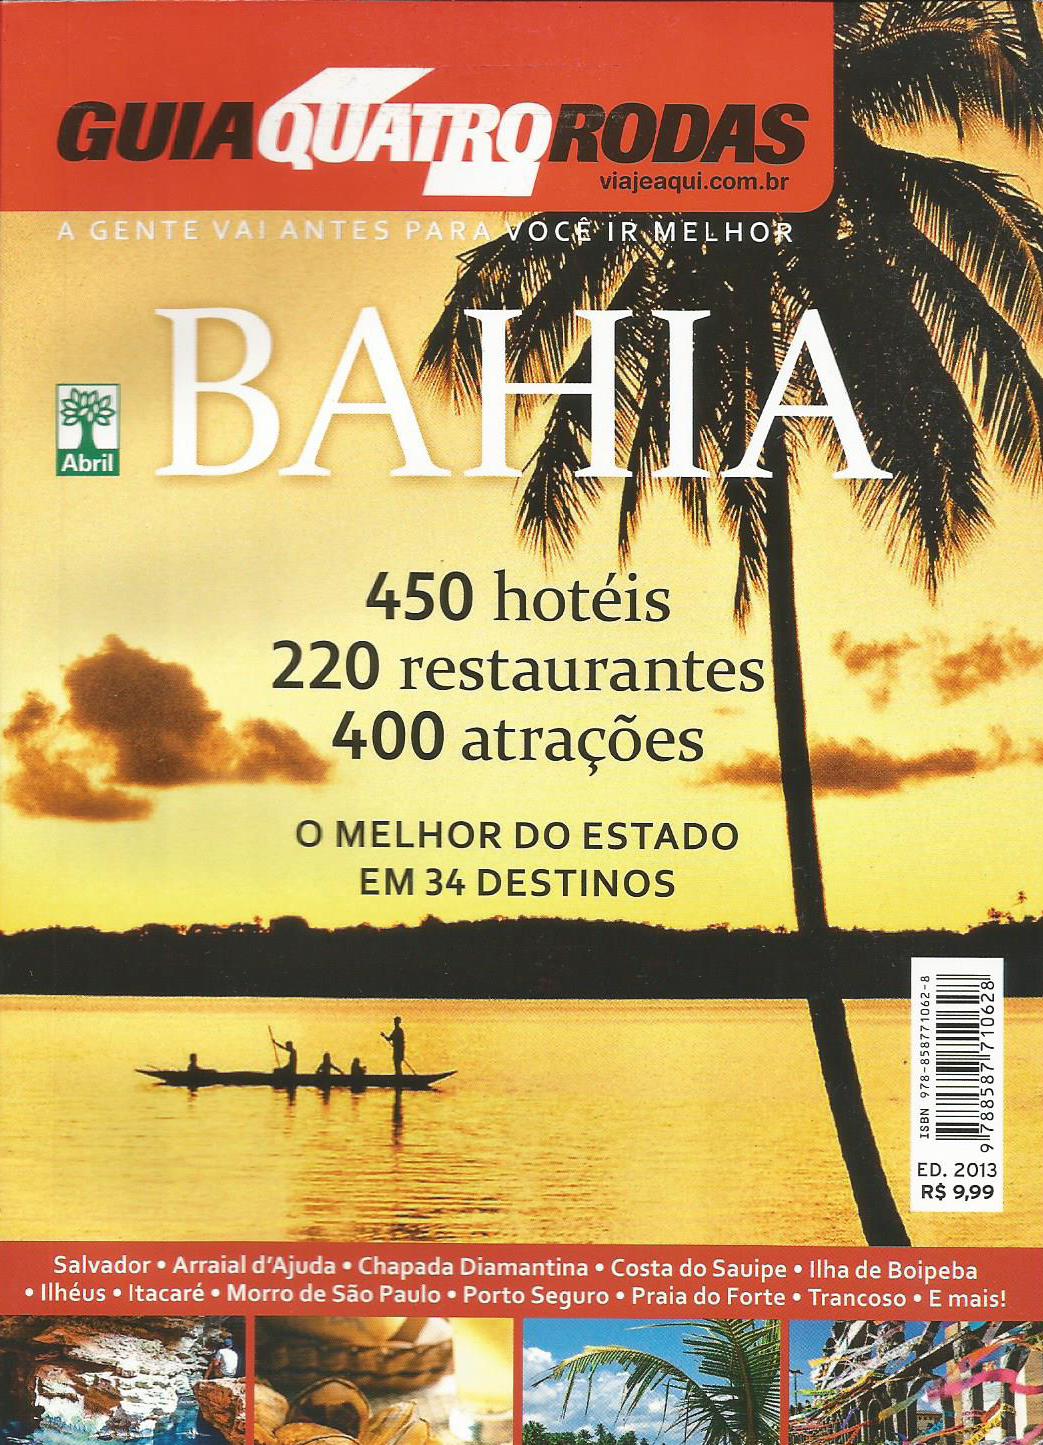 Guia-Bahia-2013-capa-dimensao-certa